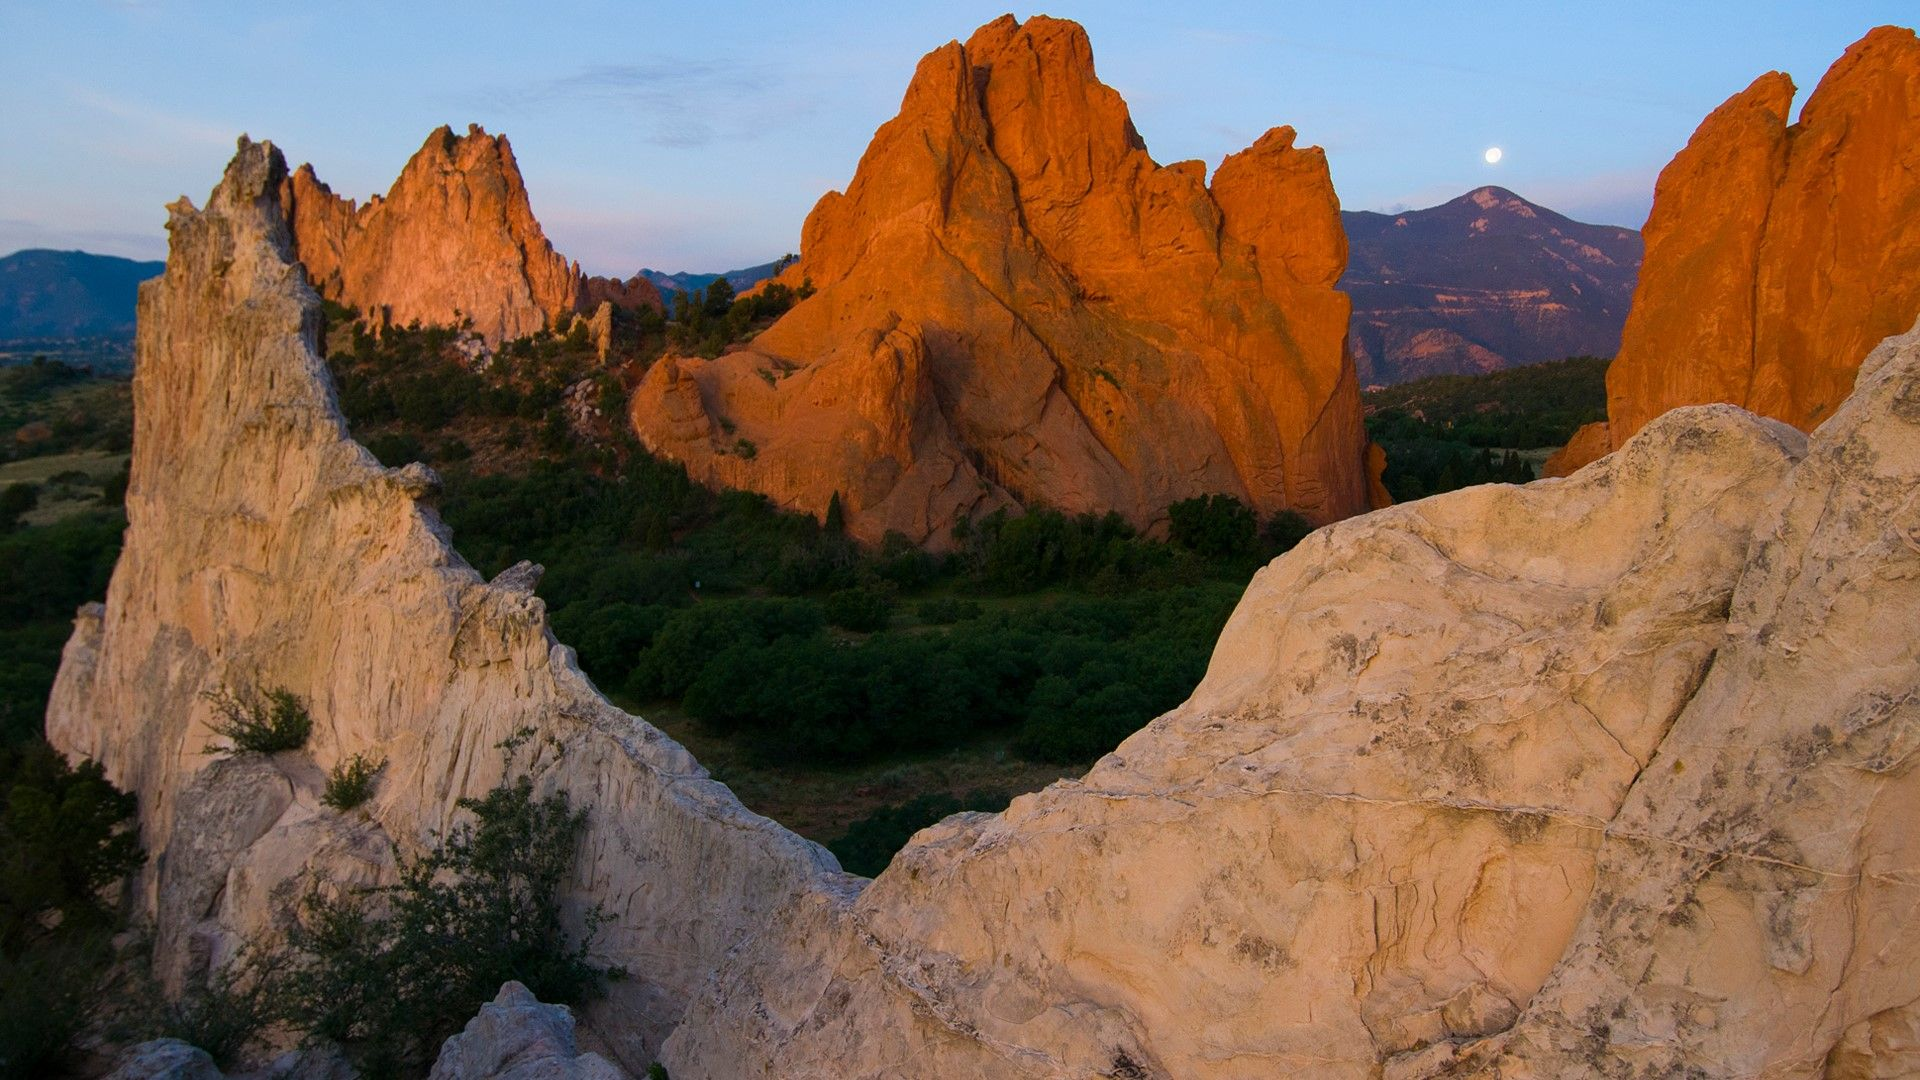 Lockscreen From Windows 10 Pikes Peak Colorado Springs Colorado